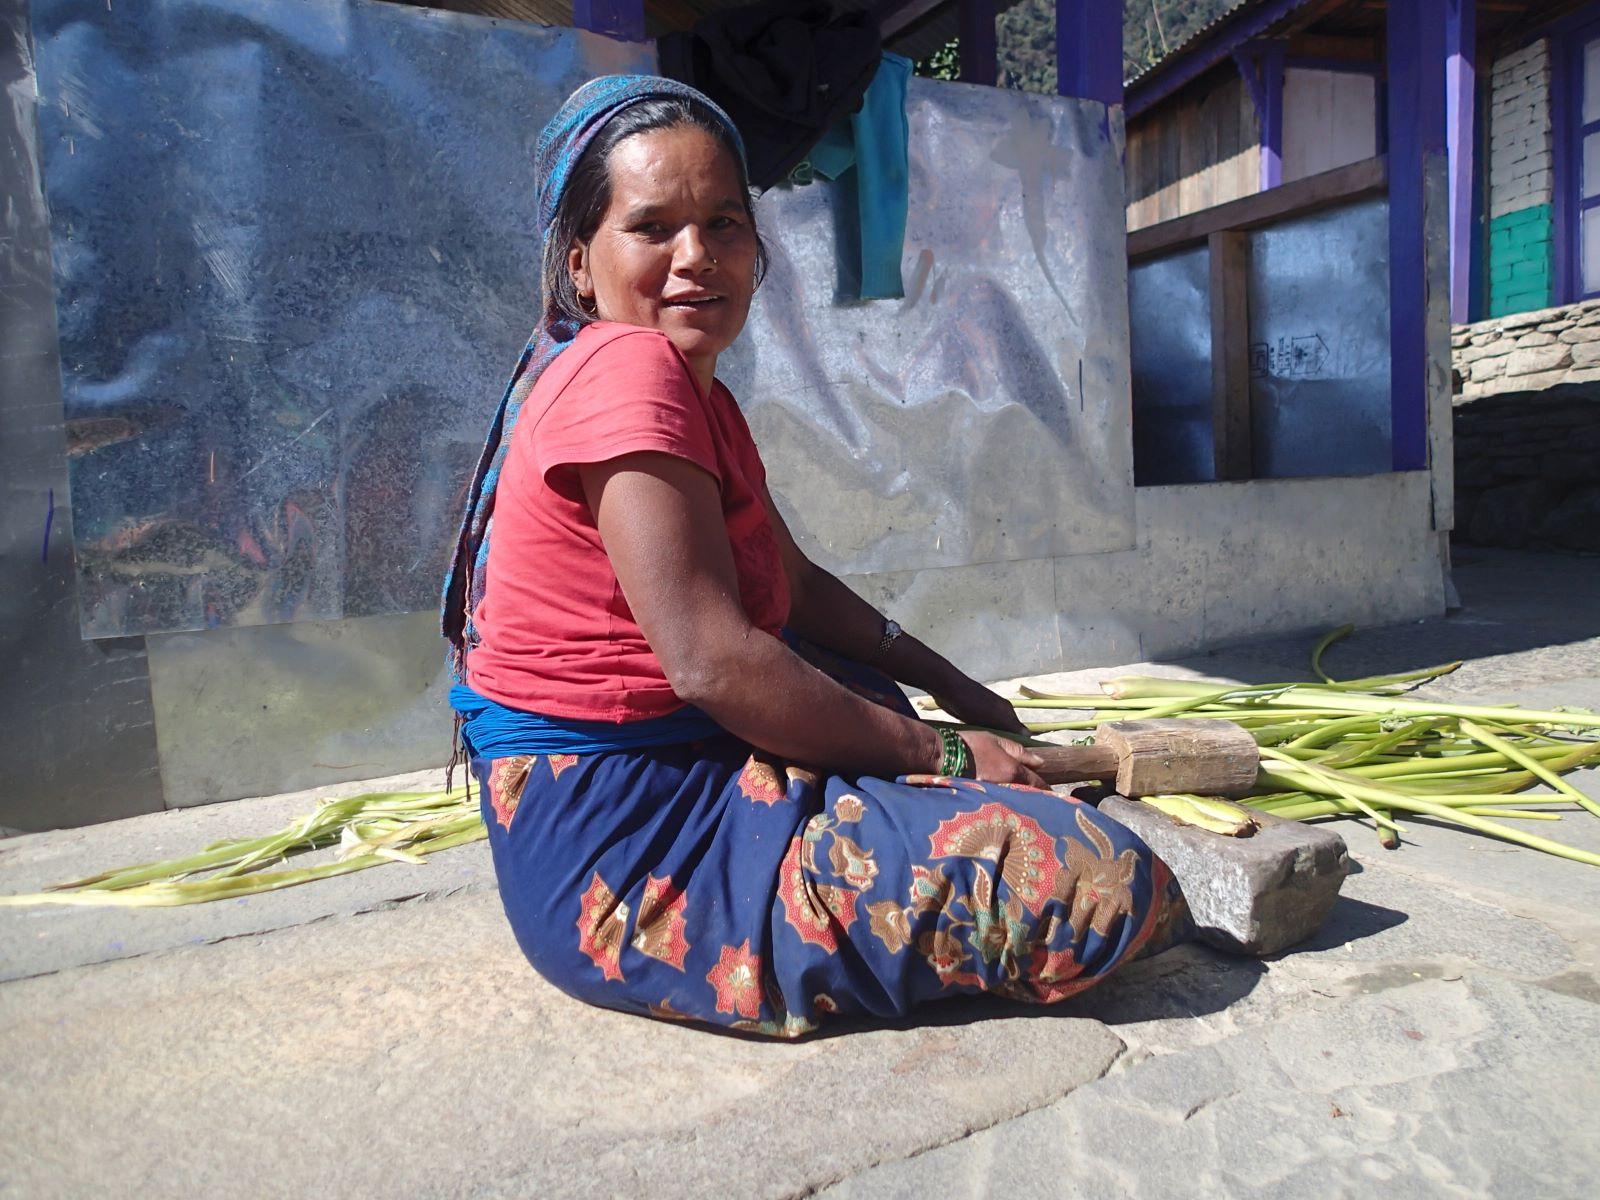 Kobieta z wioski pod Annapurną , fot. Jerzy Kostrzewa